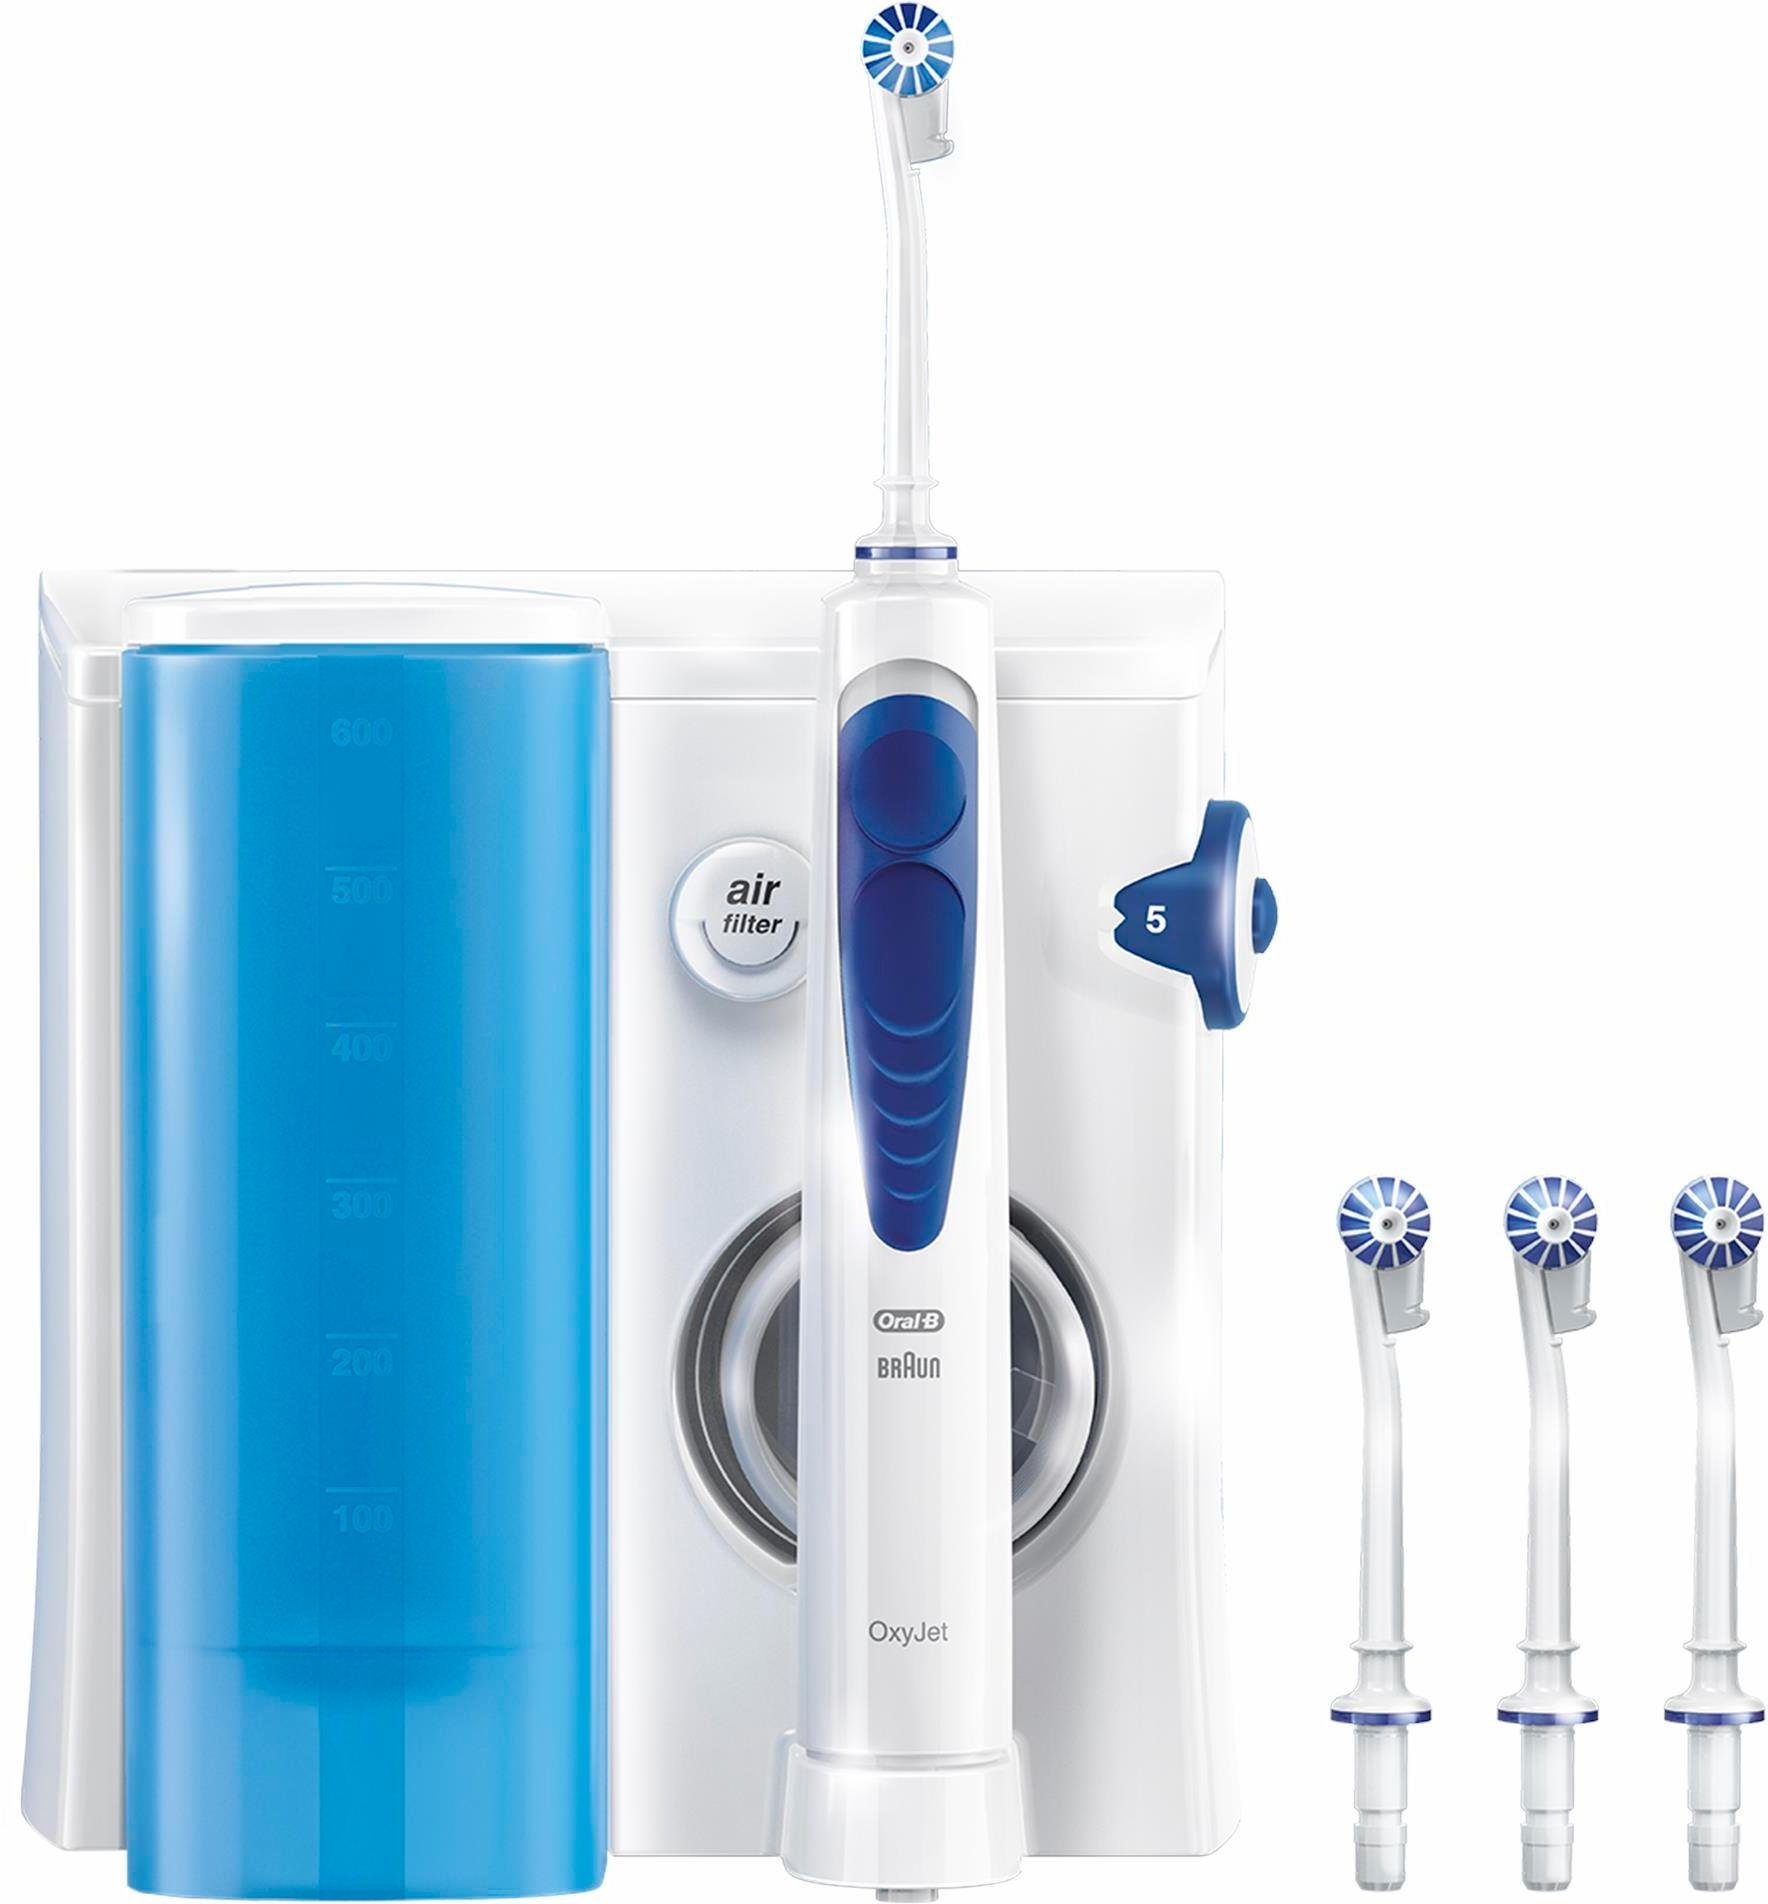 Oral-B Reinigungssystem OxyJet mit Munddusche